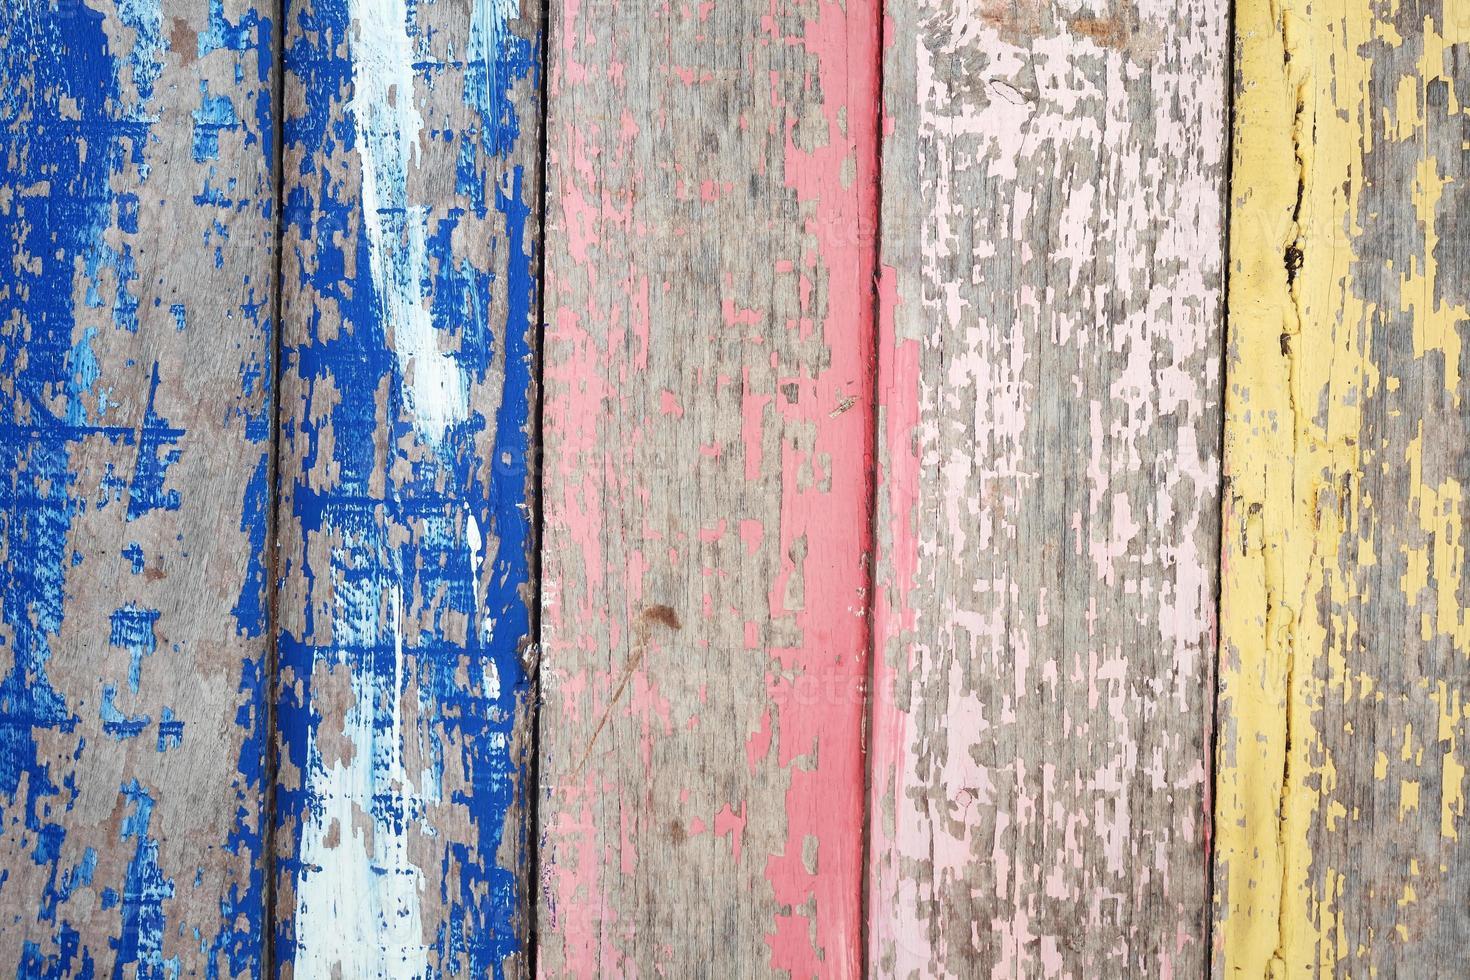 pannello di peeling grunge come sfondo. foto